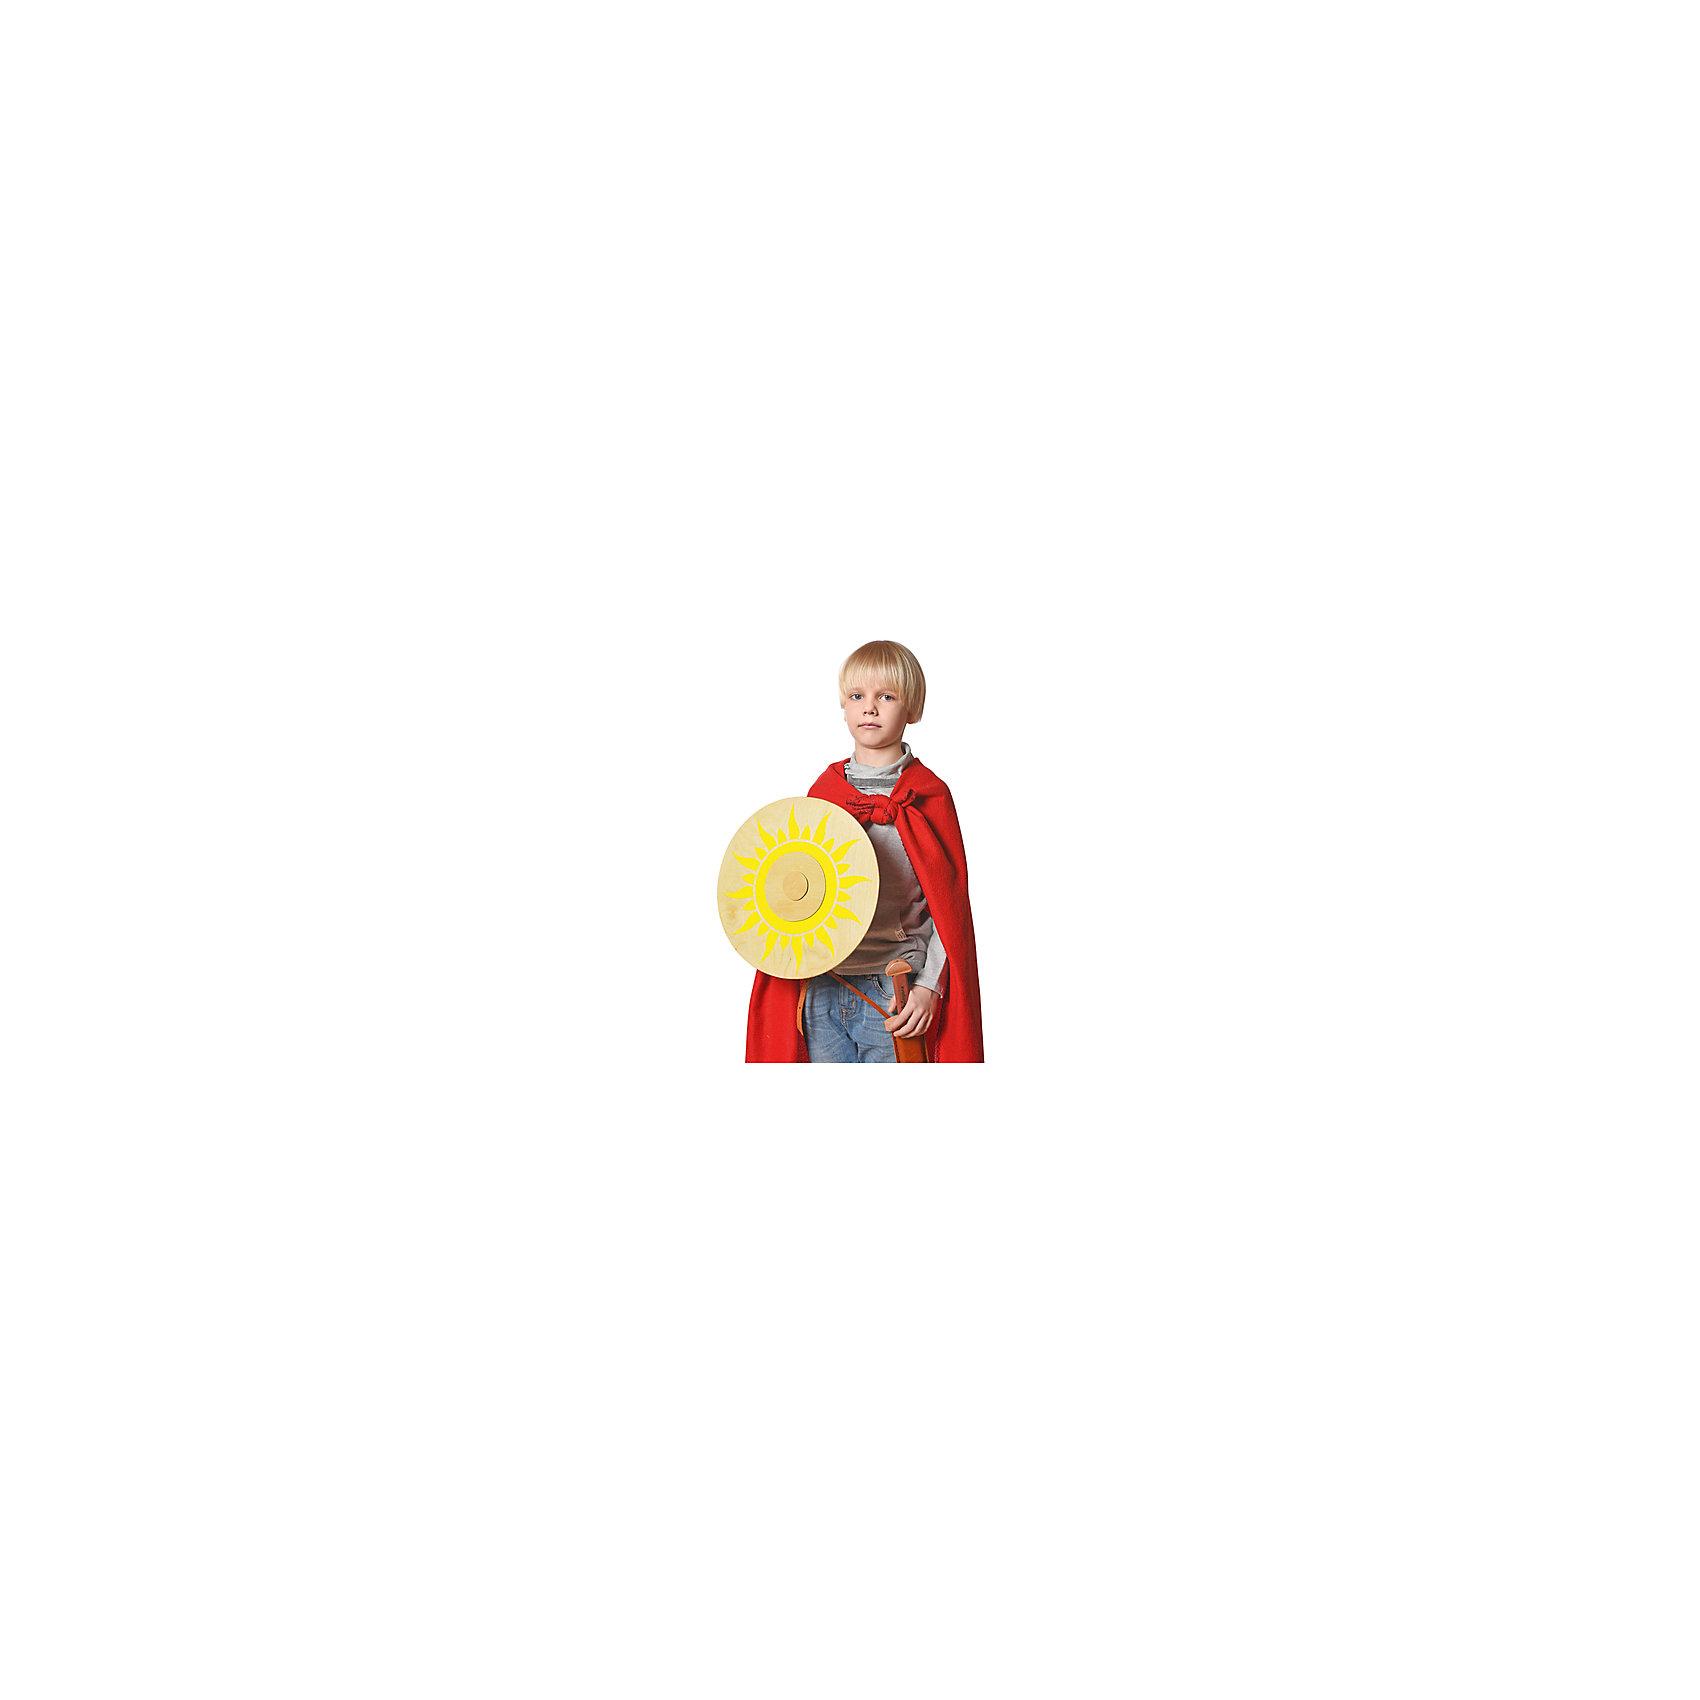 Щит круглыйСюжетно-ролевые игры<br>Круглый игрушечный щит выглядит совсем как у настоящих богатырей! Щит сделан из экологически чистых материалов компанией ЯиГрушка, специализирующейся на деревянном игрушечном оружии для детей. Игрушка поможет развить воображение и придумать много сюжетных игр. Также это поможет ребенку узнать больше о древнерусской культуре.<br>Дополнительная информация:<br>- Материал: дерево<br>- Диаметр: 35 см<br>- Вес: 330 г.<br><br>Круглый щит можно купить в нашем интернет-магазине.<br><br>Подробнее:<br>• Для детей в возрасте: от 4 лет<br>• Номер товара: 4918382<br>Страна производитель: Китай<br><br>Ширина мм: 350<br>Глубина мм: 350<br>Высота мм: 59<br>Вес г: 330<br>Возраст от месяцев: 48<br>Возраст до месяцев: 120<br>Пол: Мужской<br>Возраст: Детский<br>SKU: 4918382